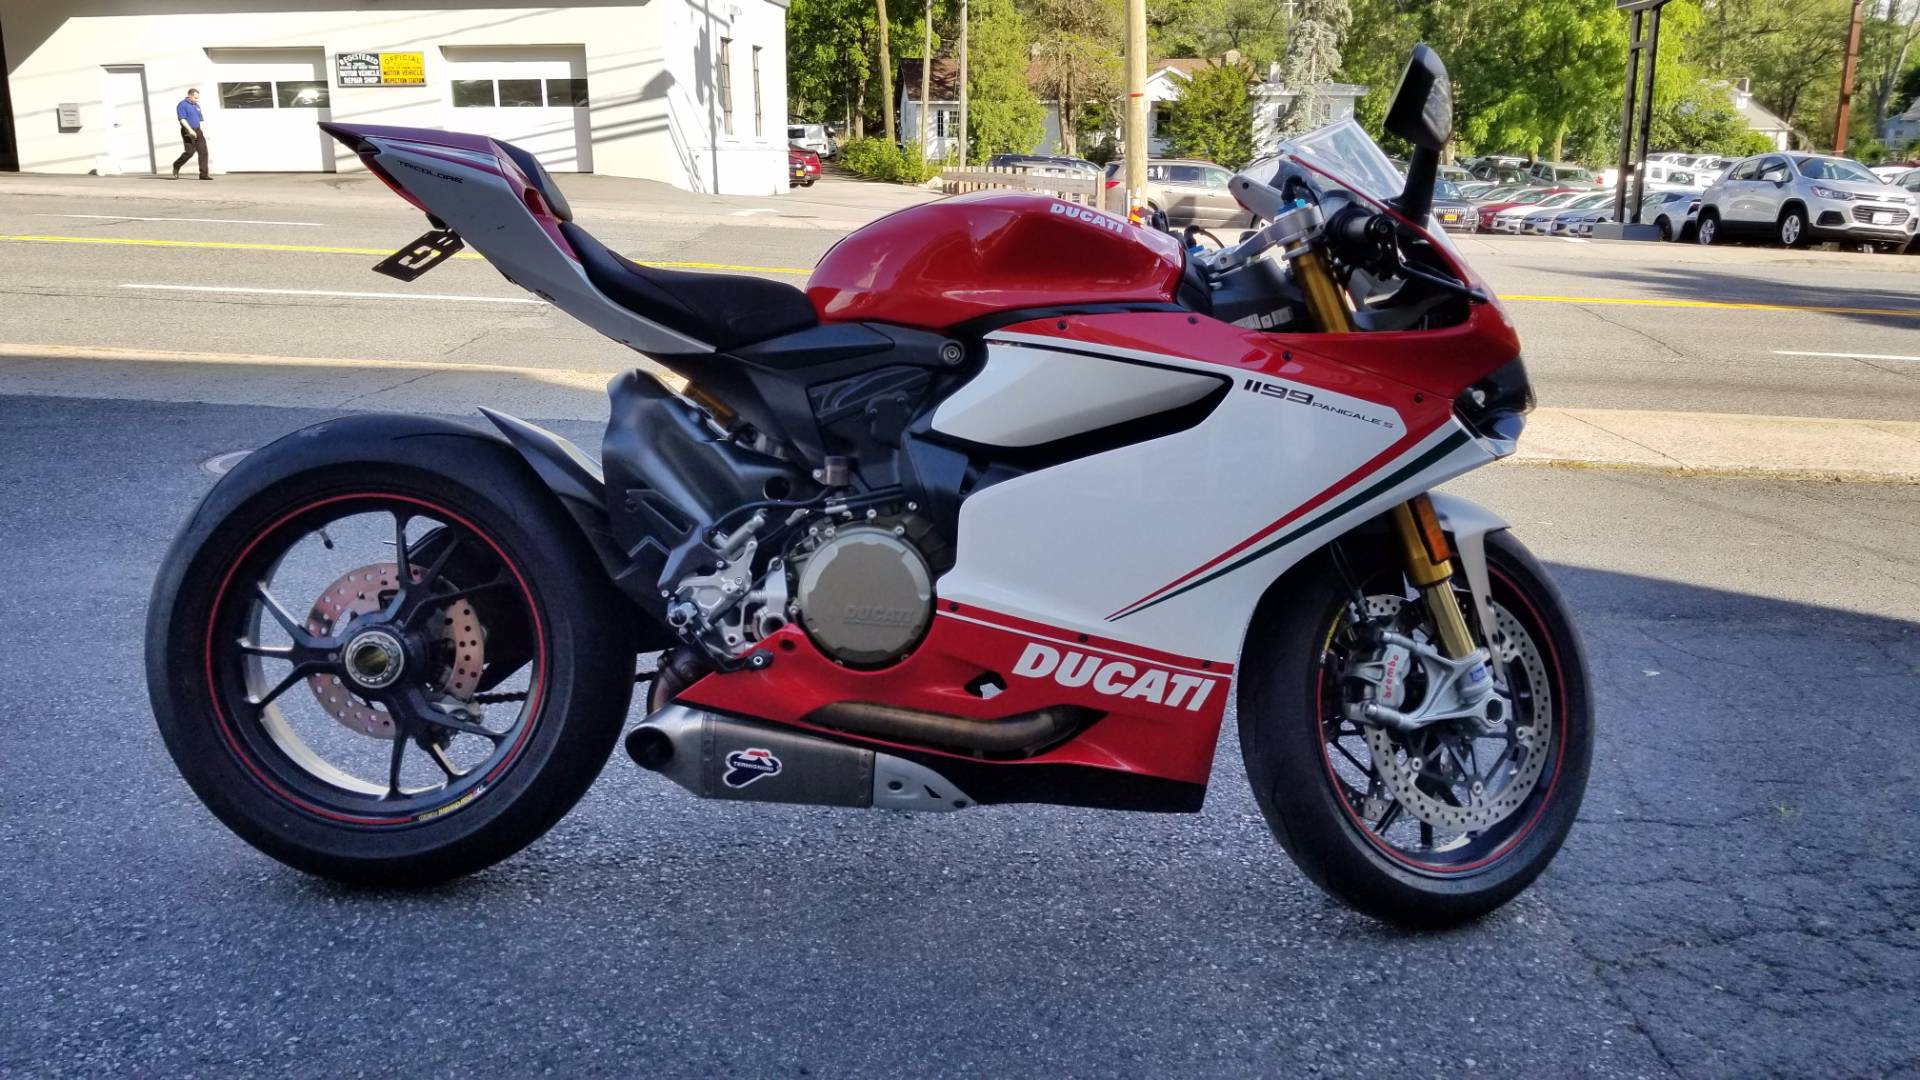 2012 1199 Panigale S Tricolore